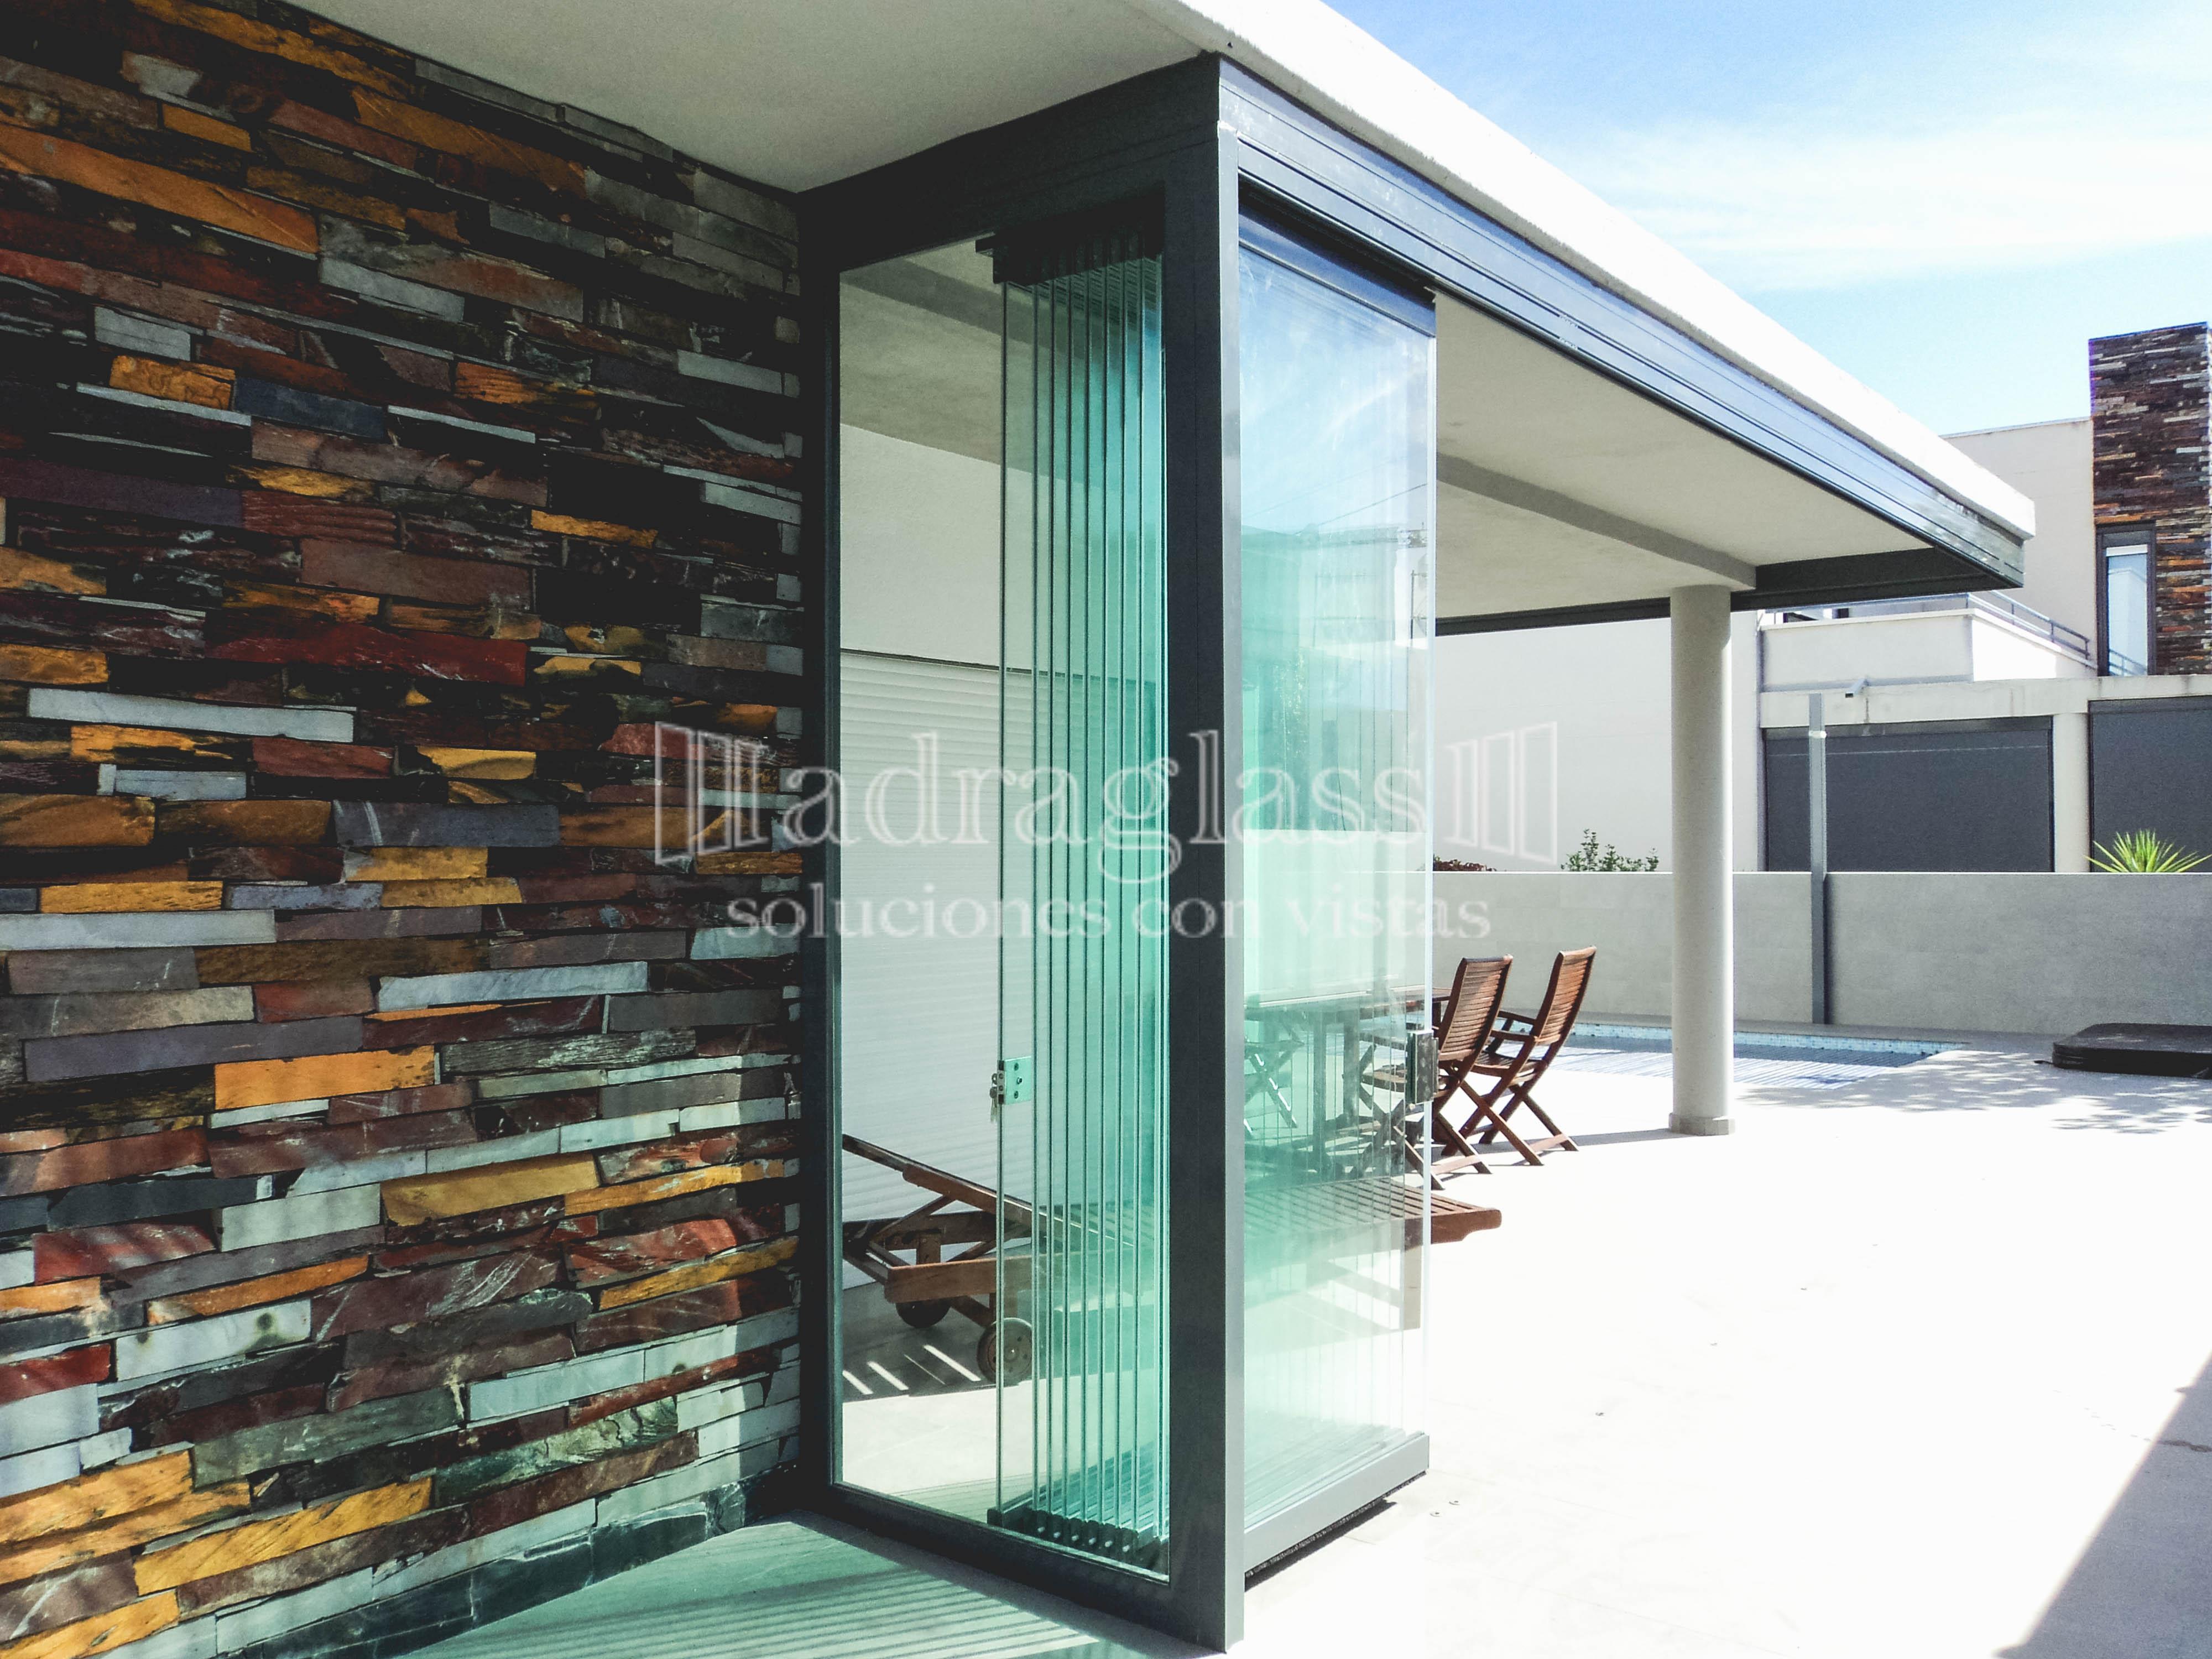 Cortinas de exterior para porche cortina de cristal para - Cortinas para porche exterior ...